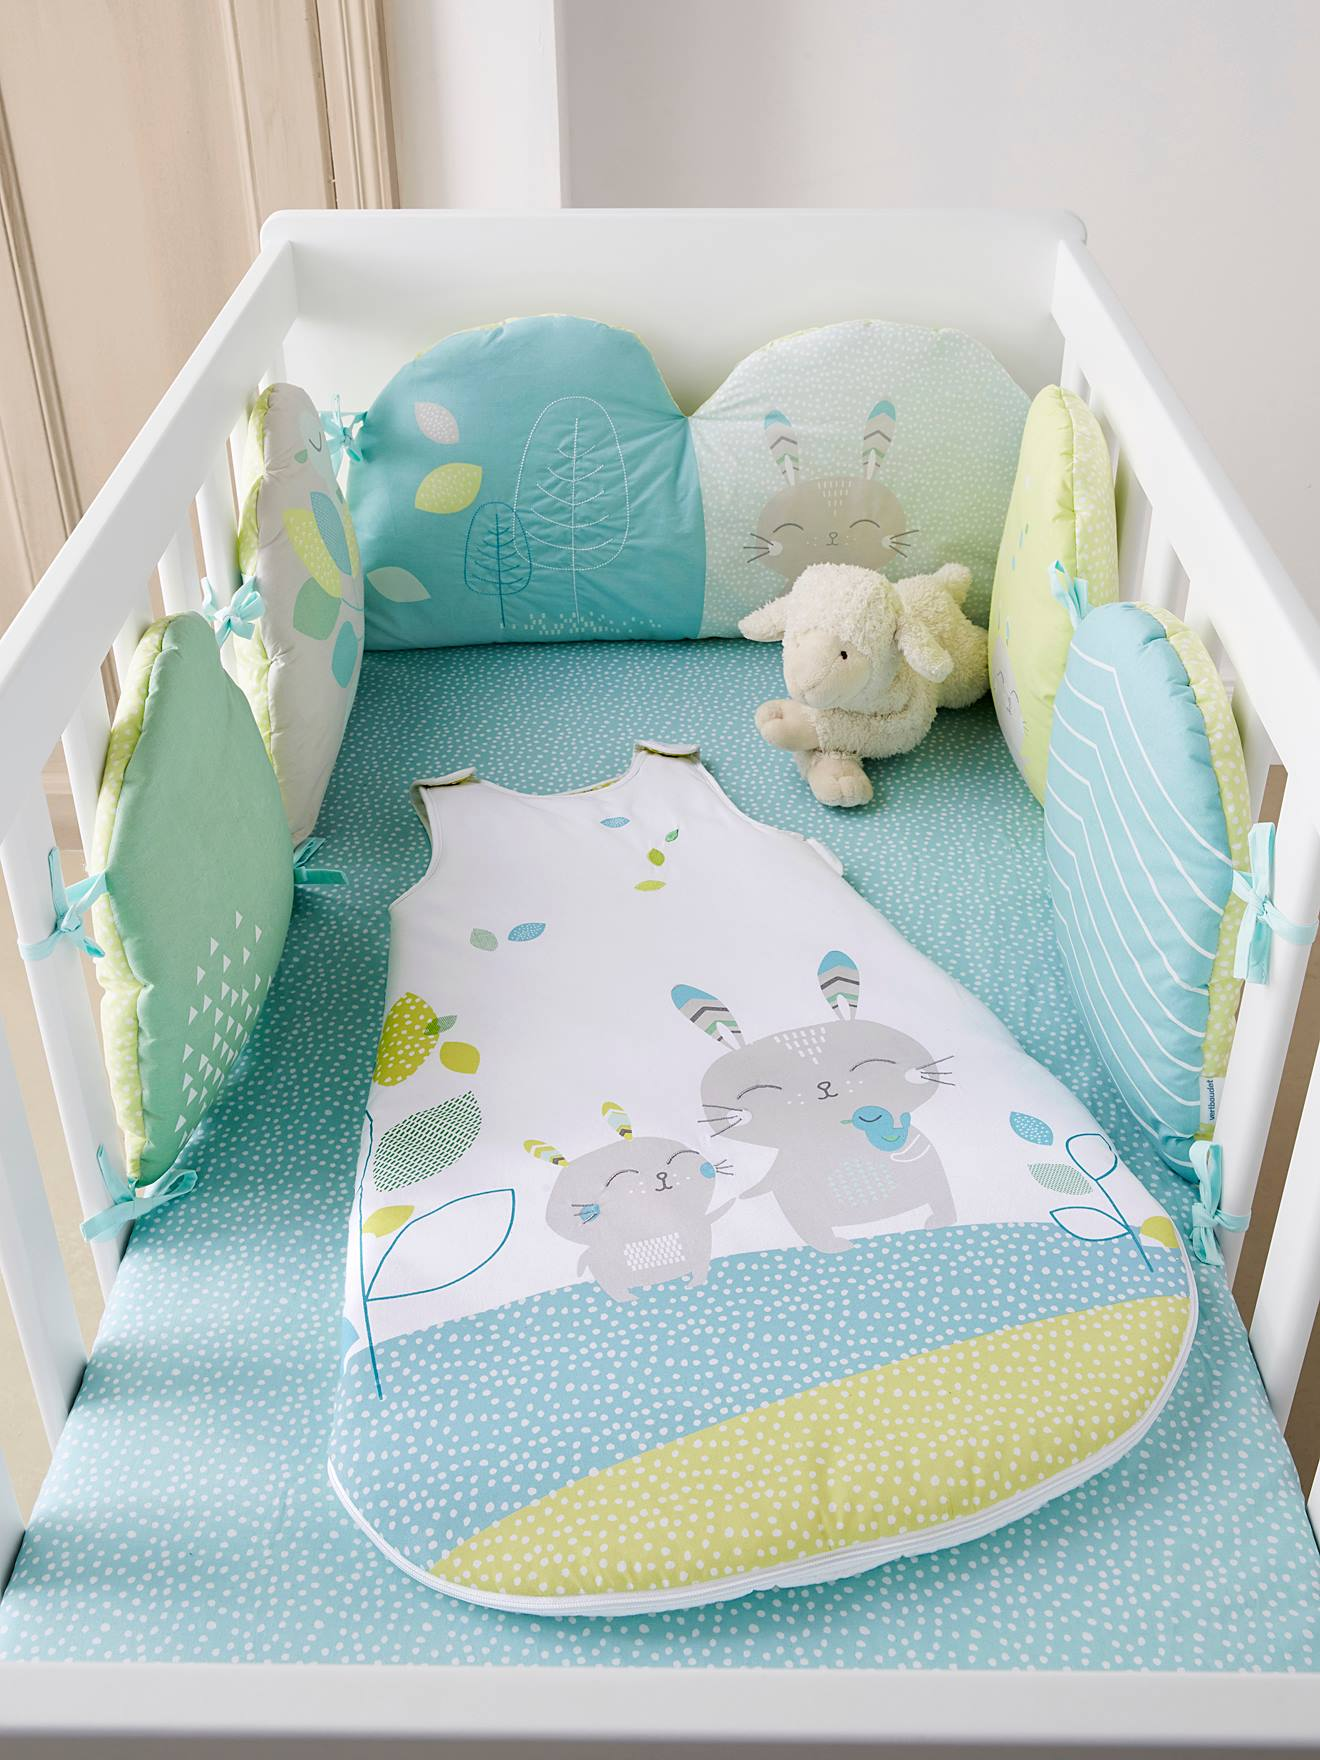 perfect meubles et linge de litlinge de lit bbtour de littour with tour de lit mixte. Black Bedroom Furniture Sets. Home Design Ideas